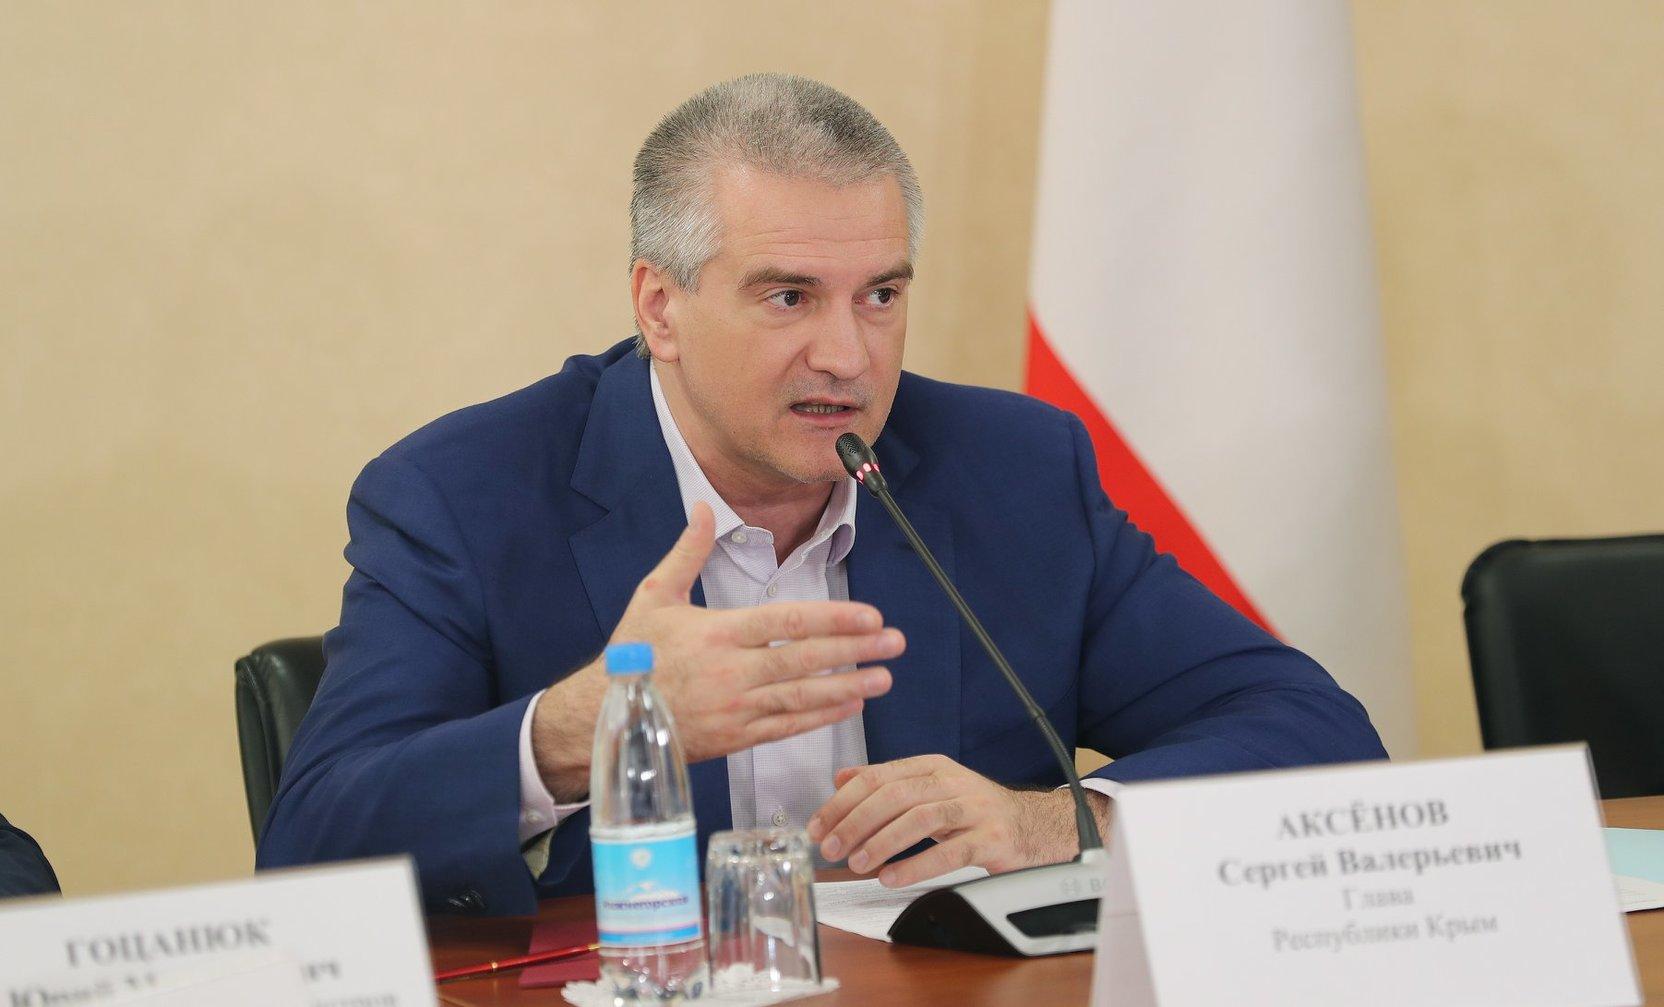 Аксенов обратился к Путину с просьбой упростить порядок выплат пострадавшим от подтоплений в Крыму